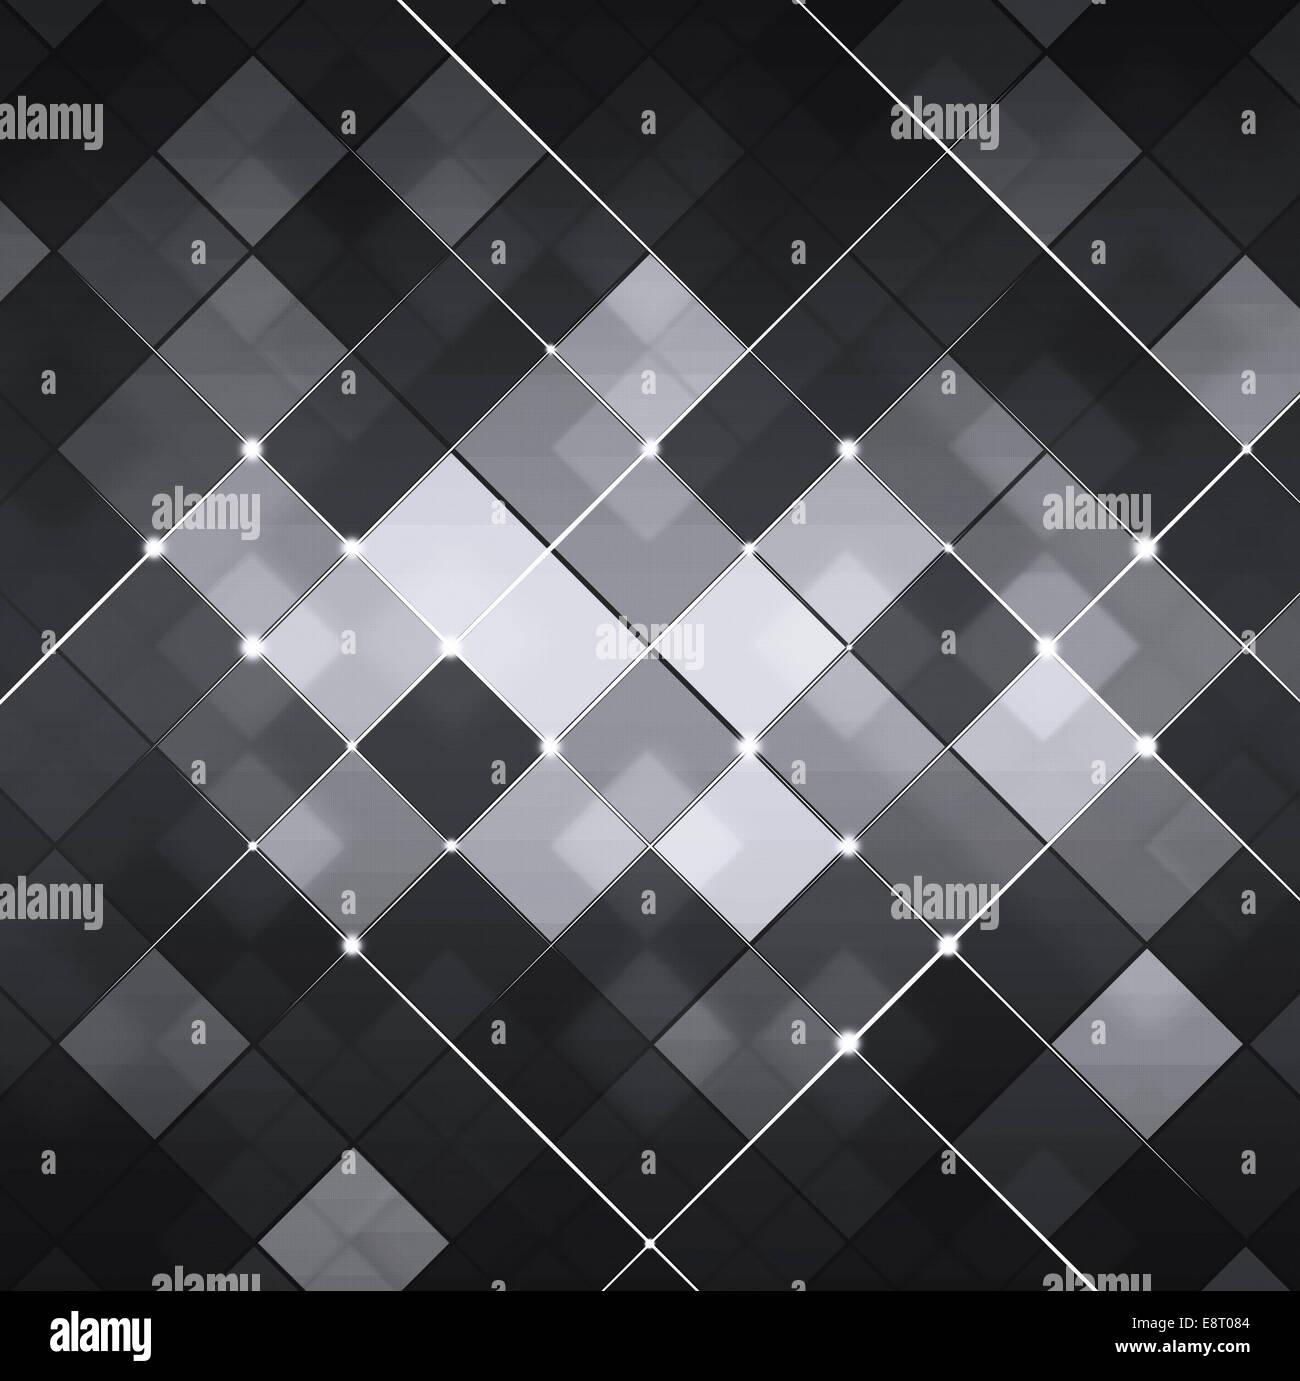 Abstract in bianco e nero punti quadrati sfondo tecnologico Immagini Stock